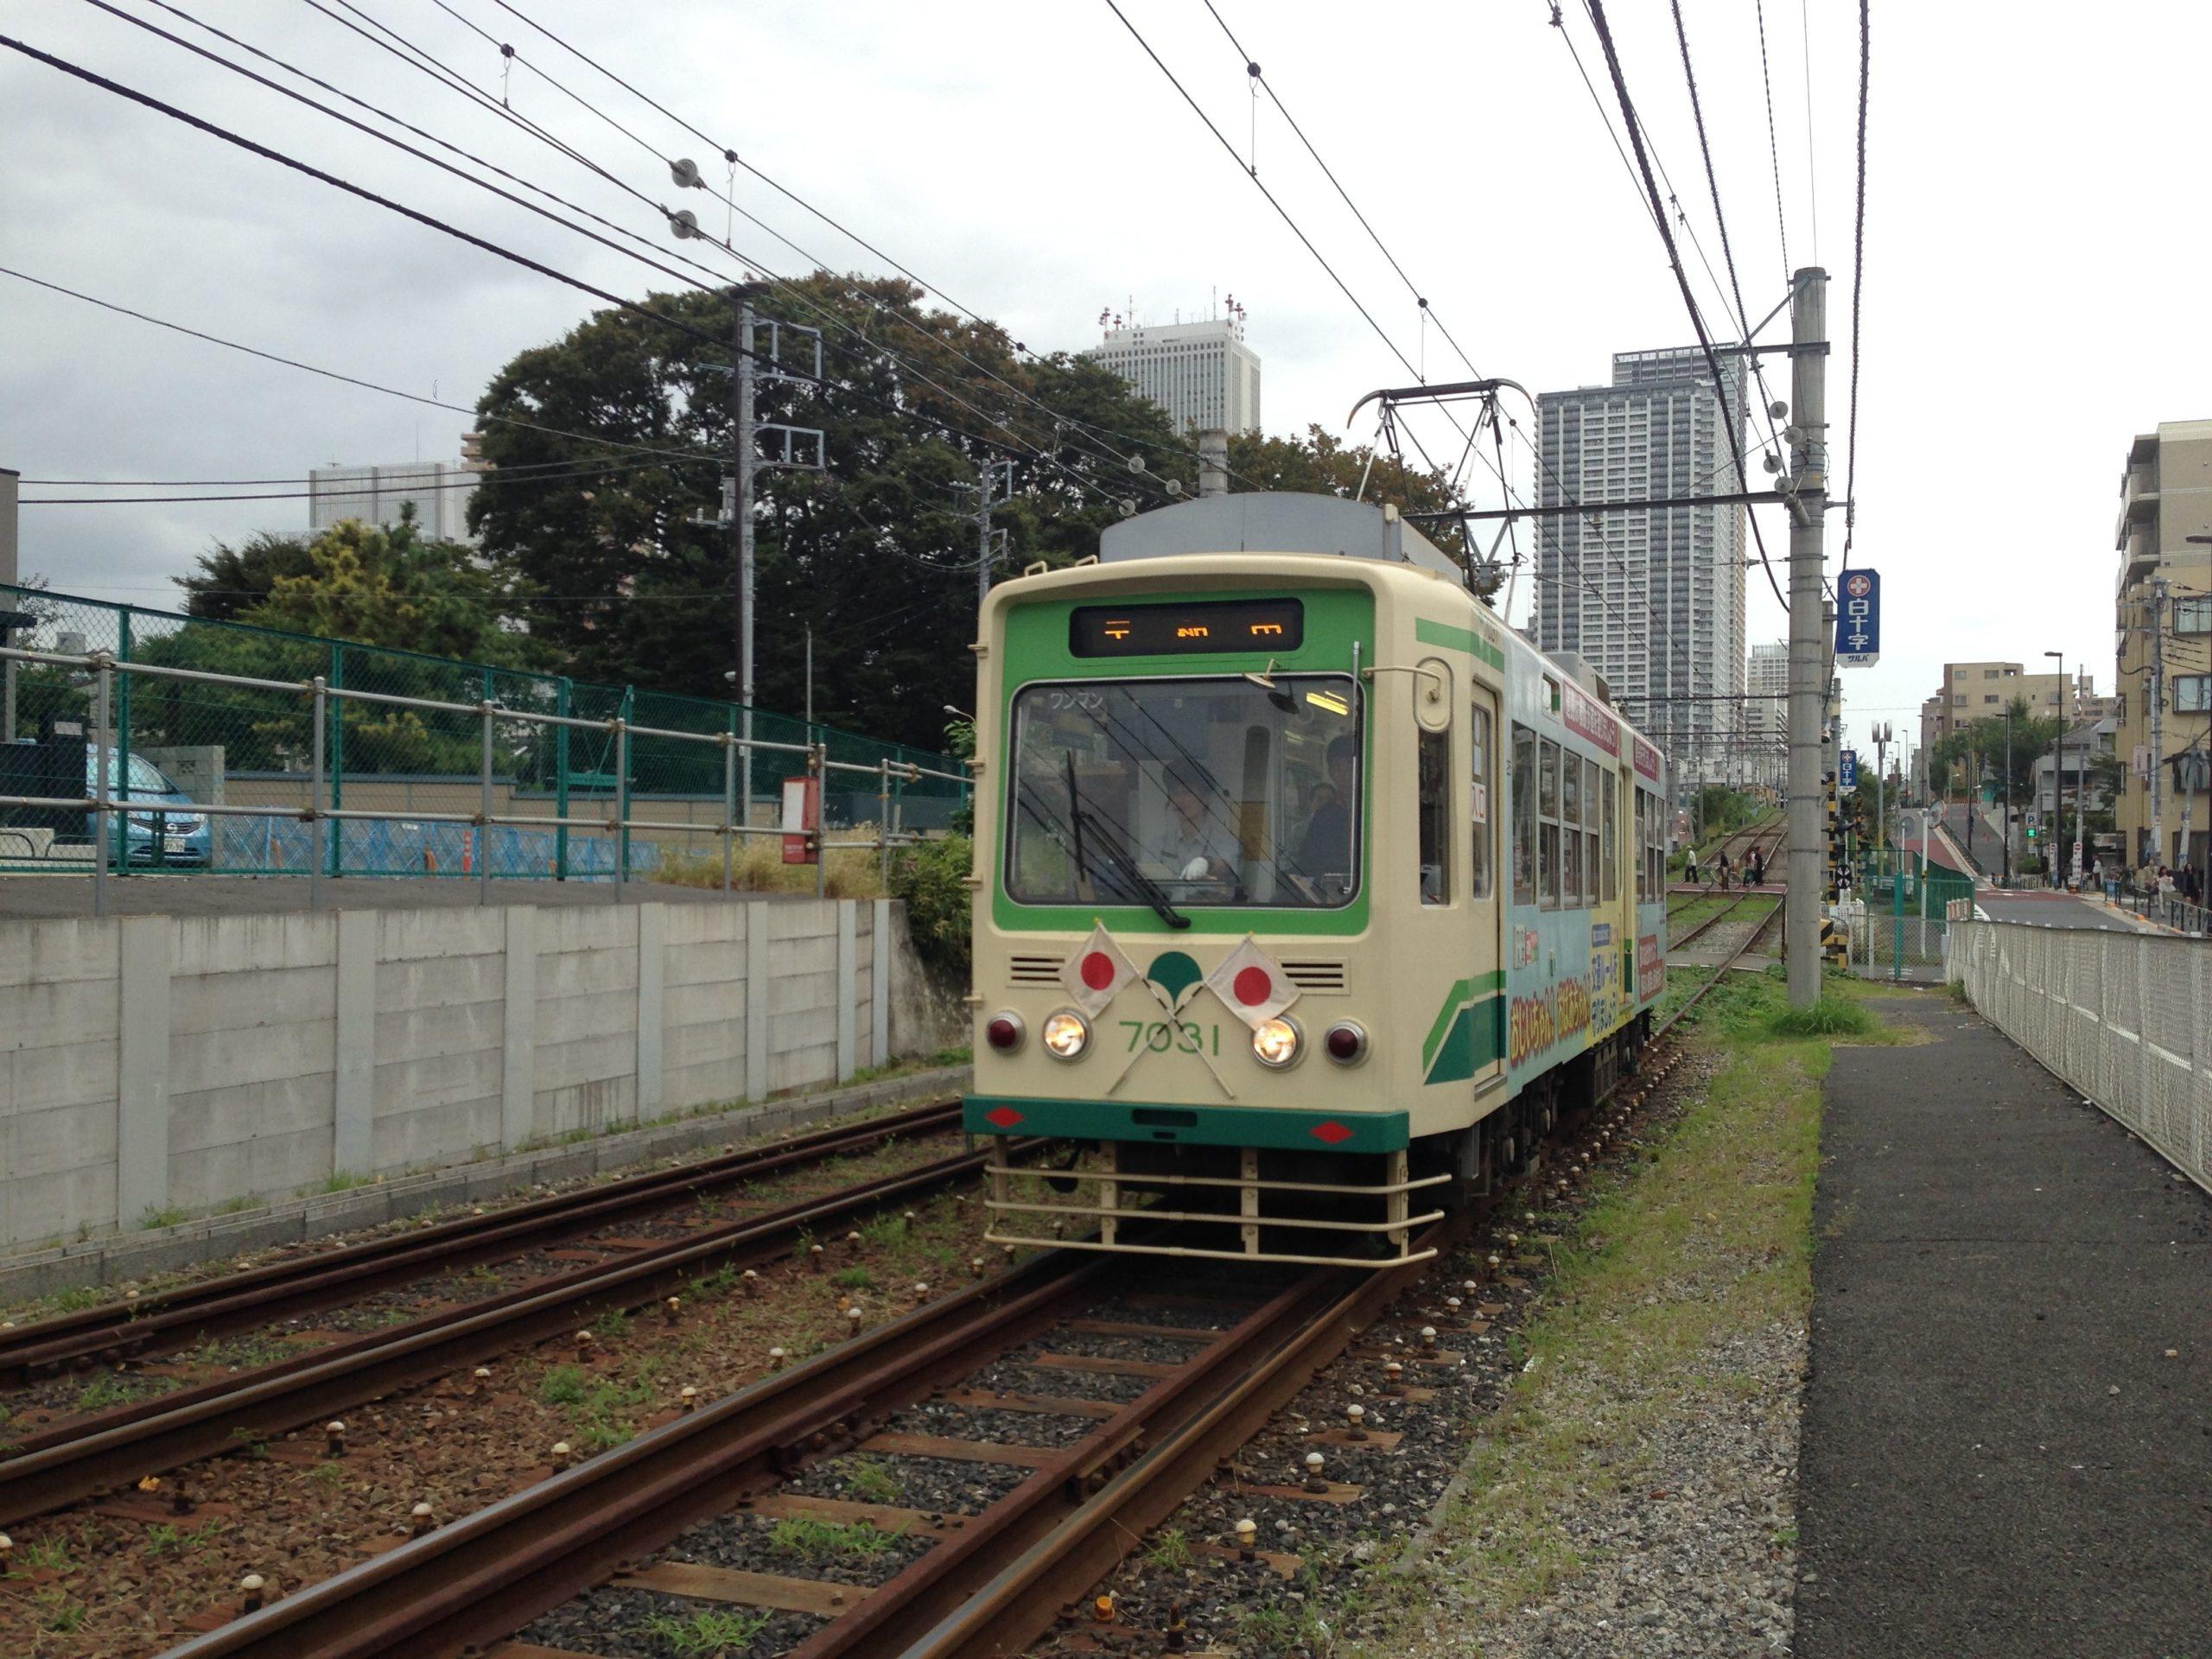 07-1 雑司ヶ谷寺町散歩 写真